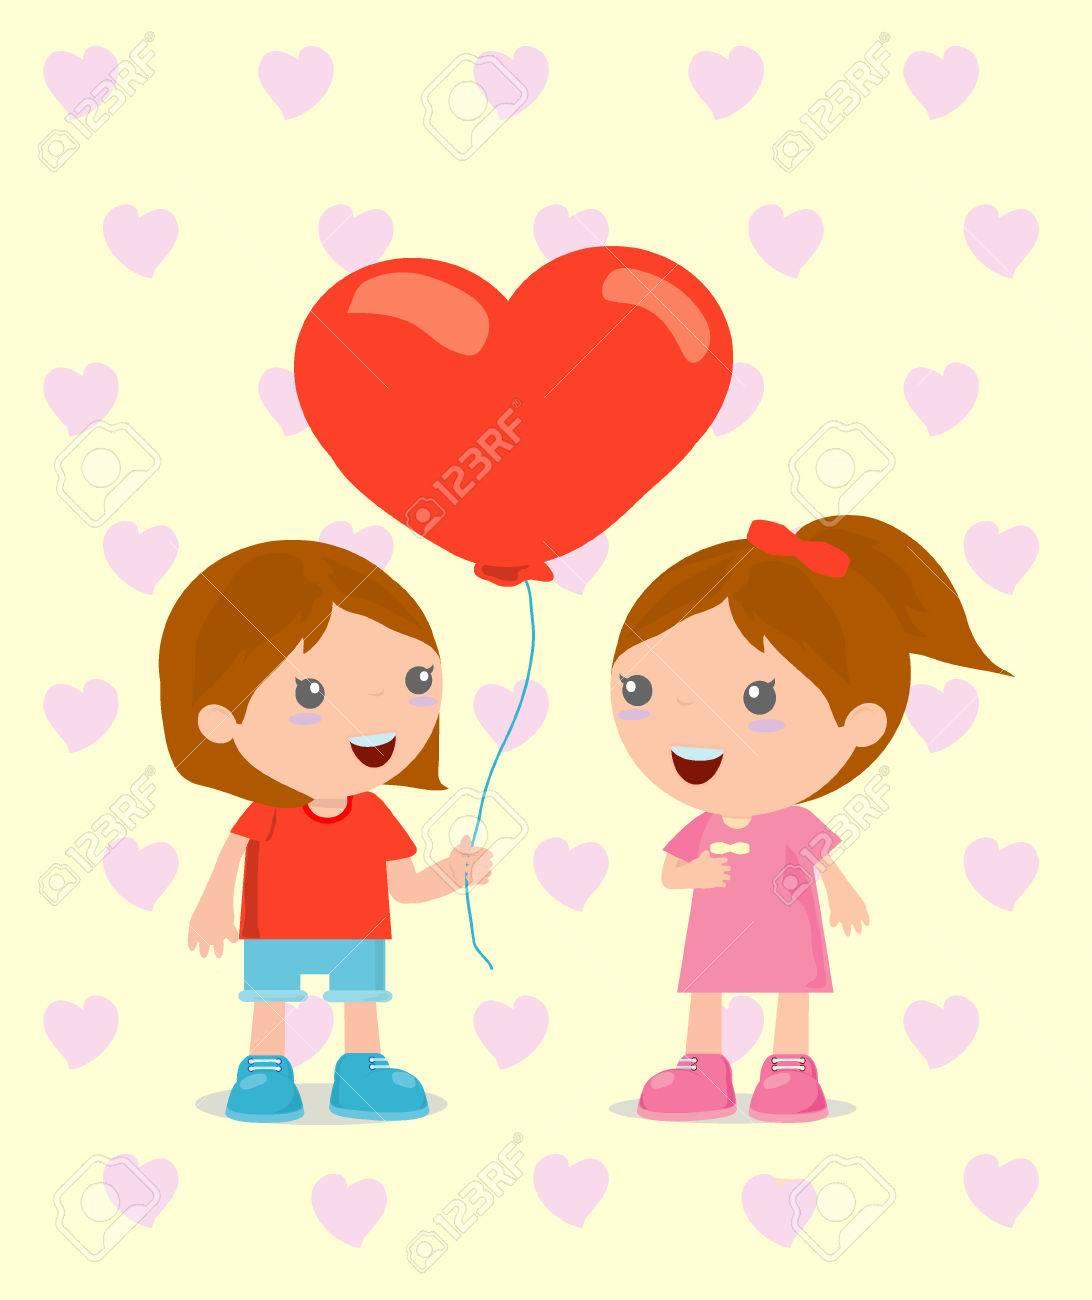 カジュアルな服を着て、ロマンチックなカップル、かわいい漫画のカップル